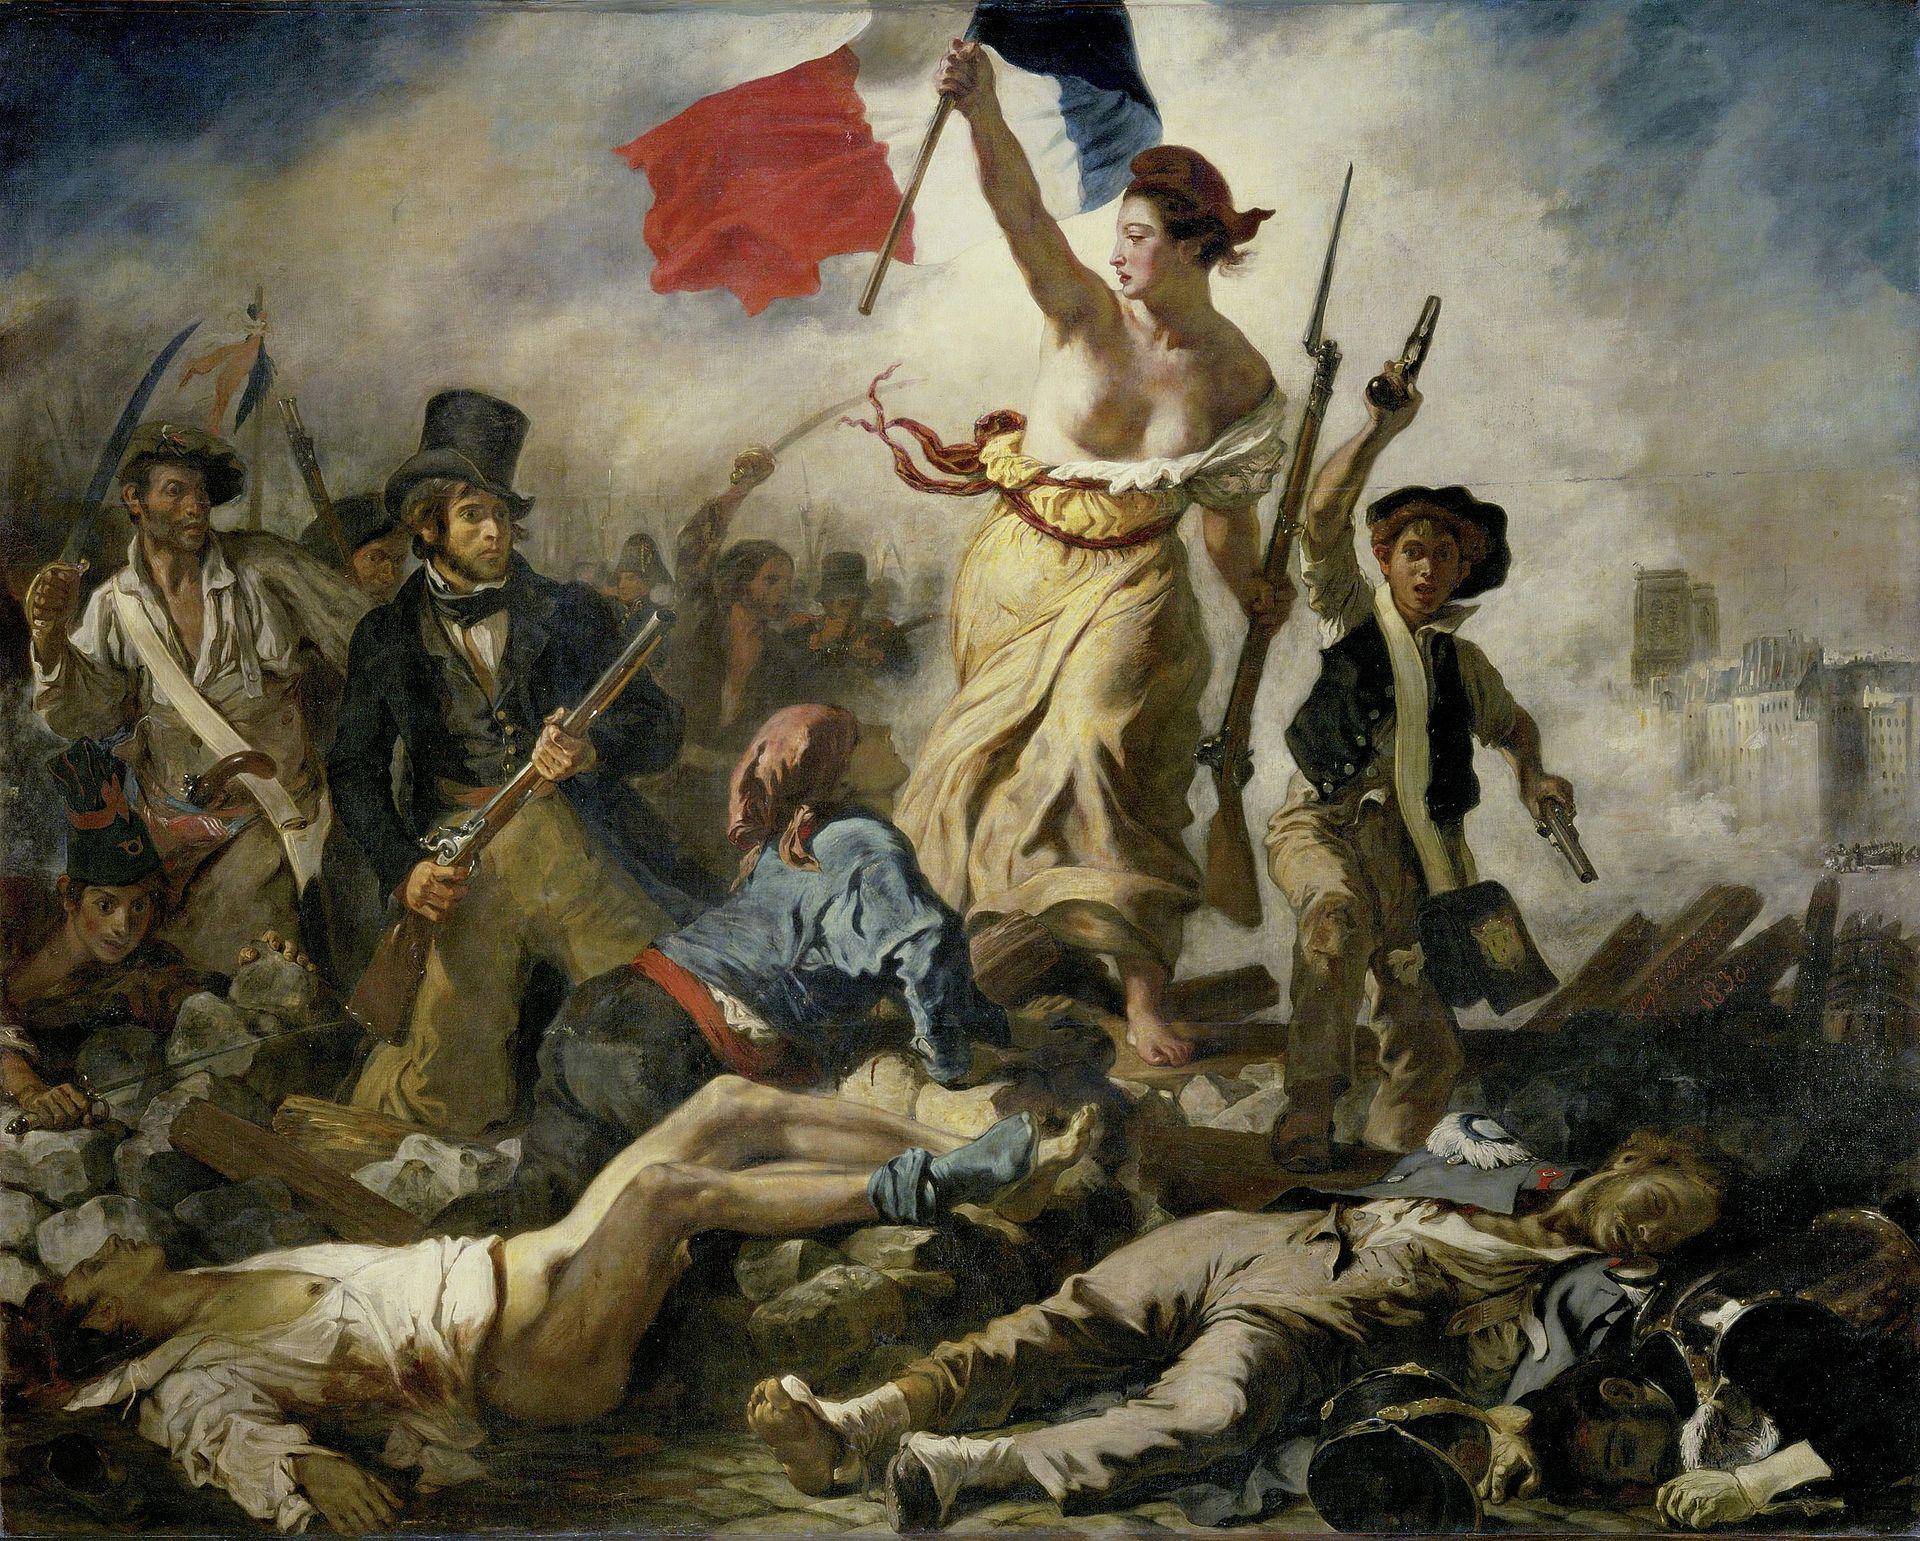 DELACROIX, La liberté guidant le peuple, 1830, huile sur toile